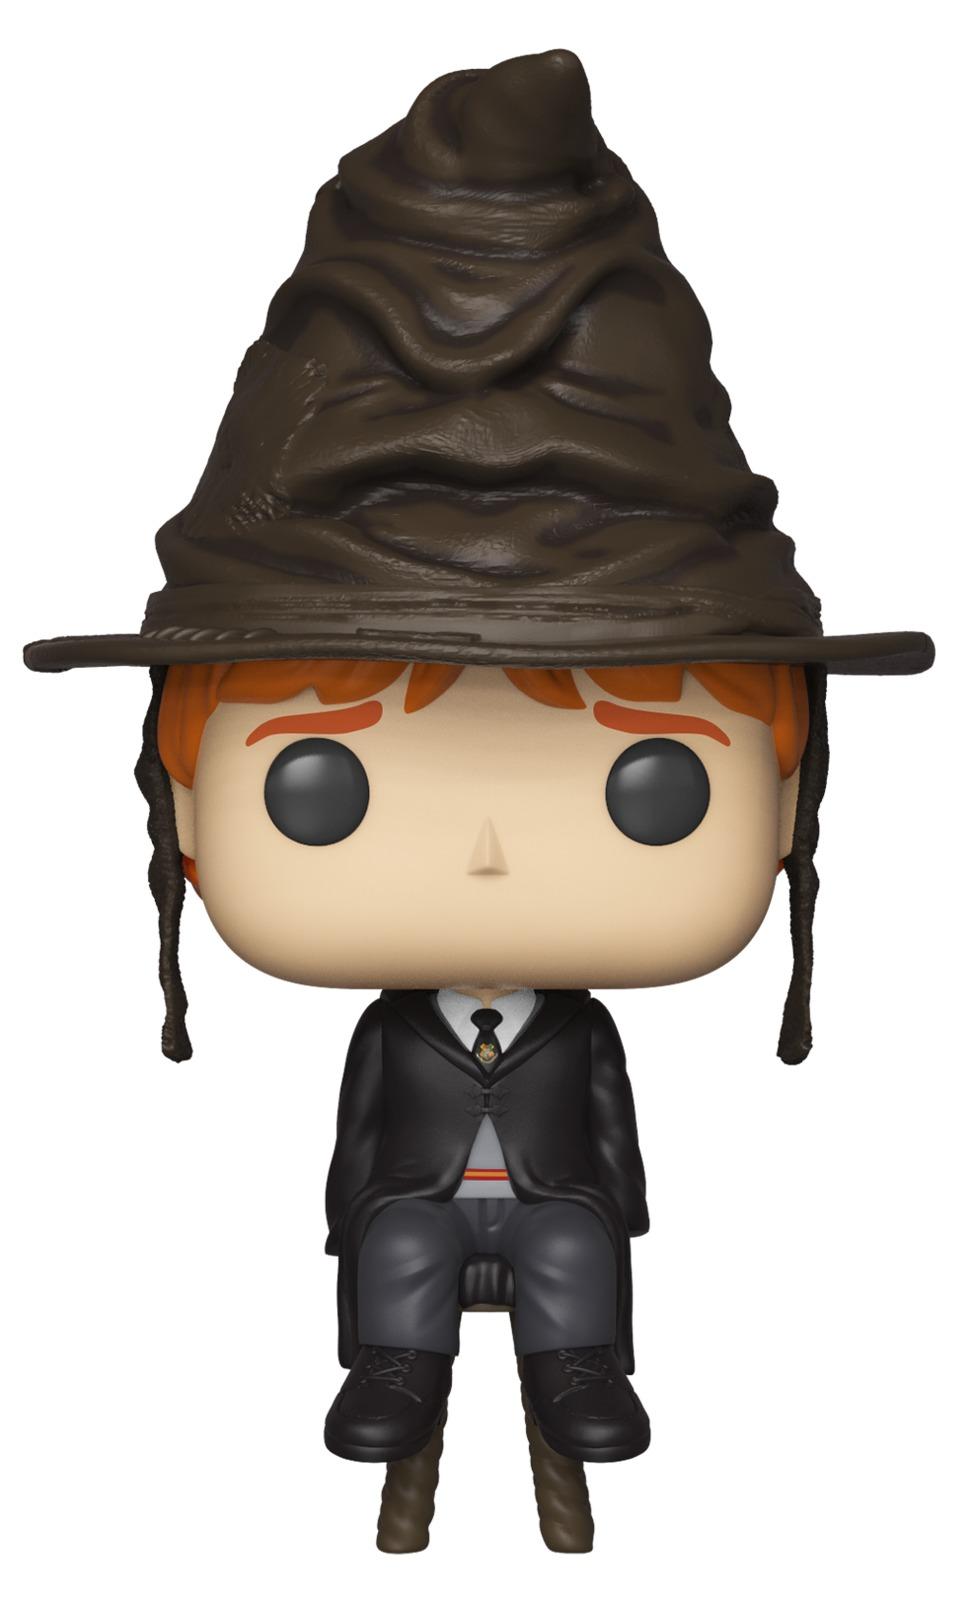 Harry Potter - Ron Weasley (Sorting Hat) Pop! Vinyl Figure image